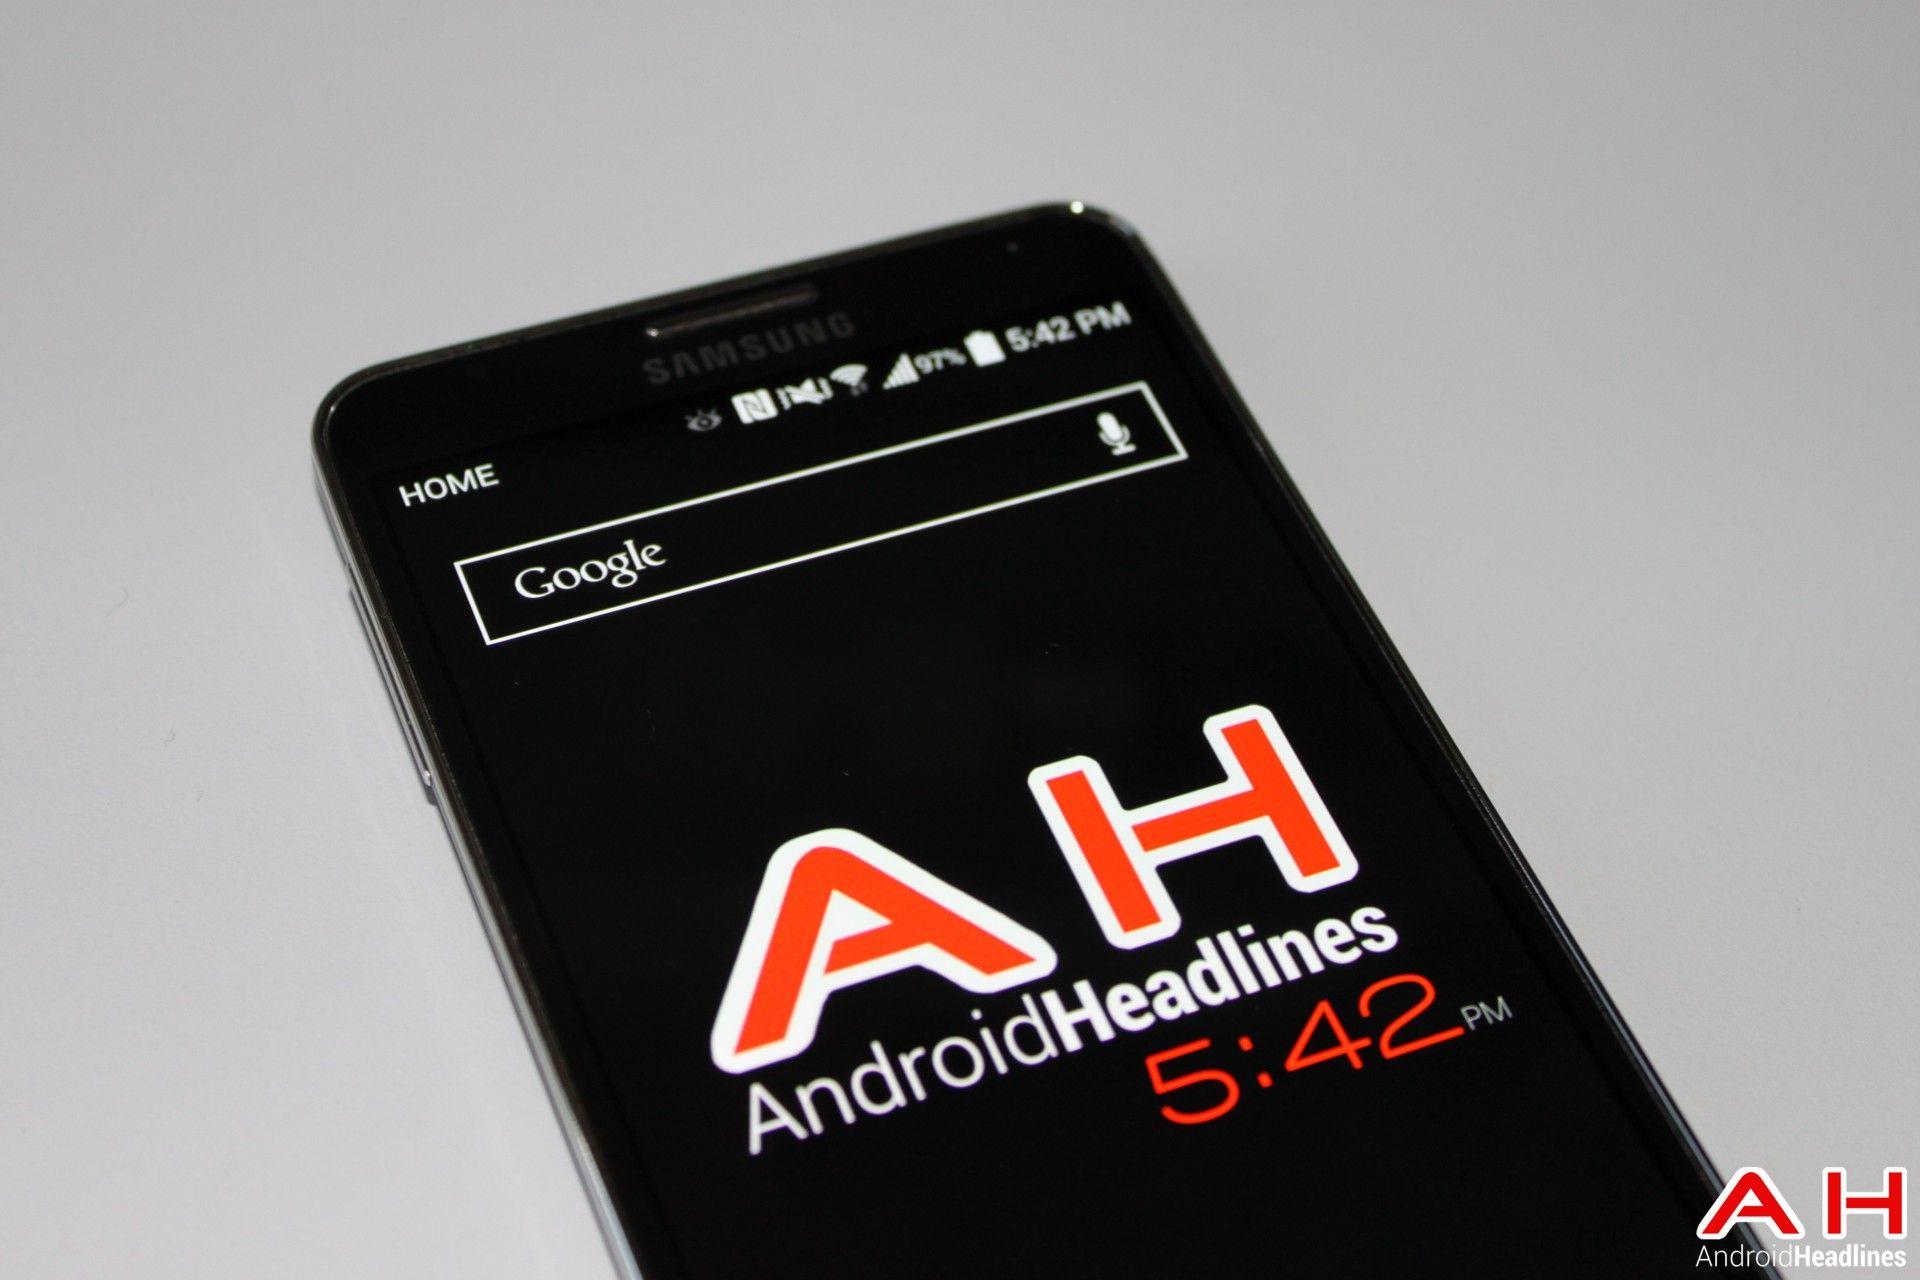 AH-Logo-Galaxy-Note-3-1.0